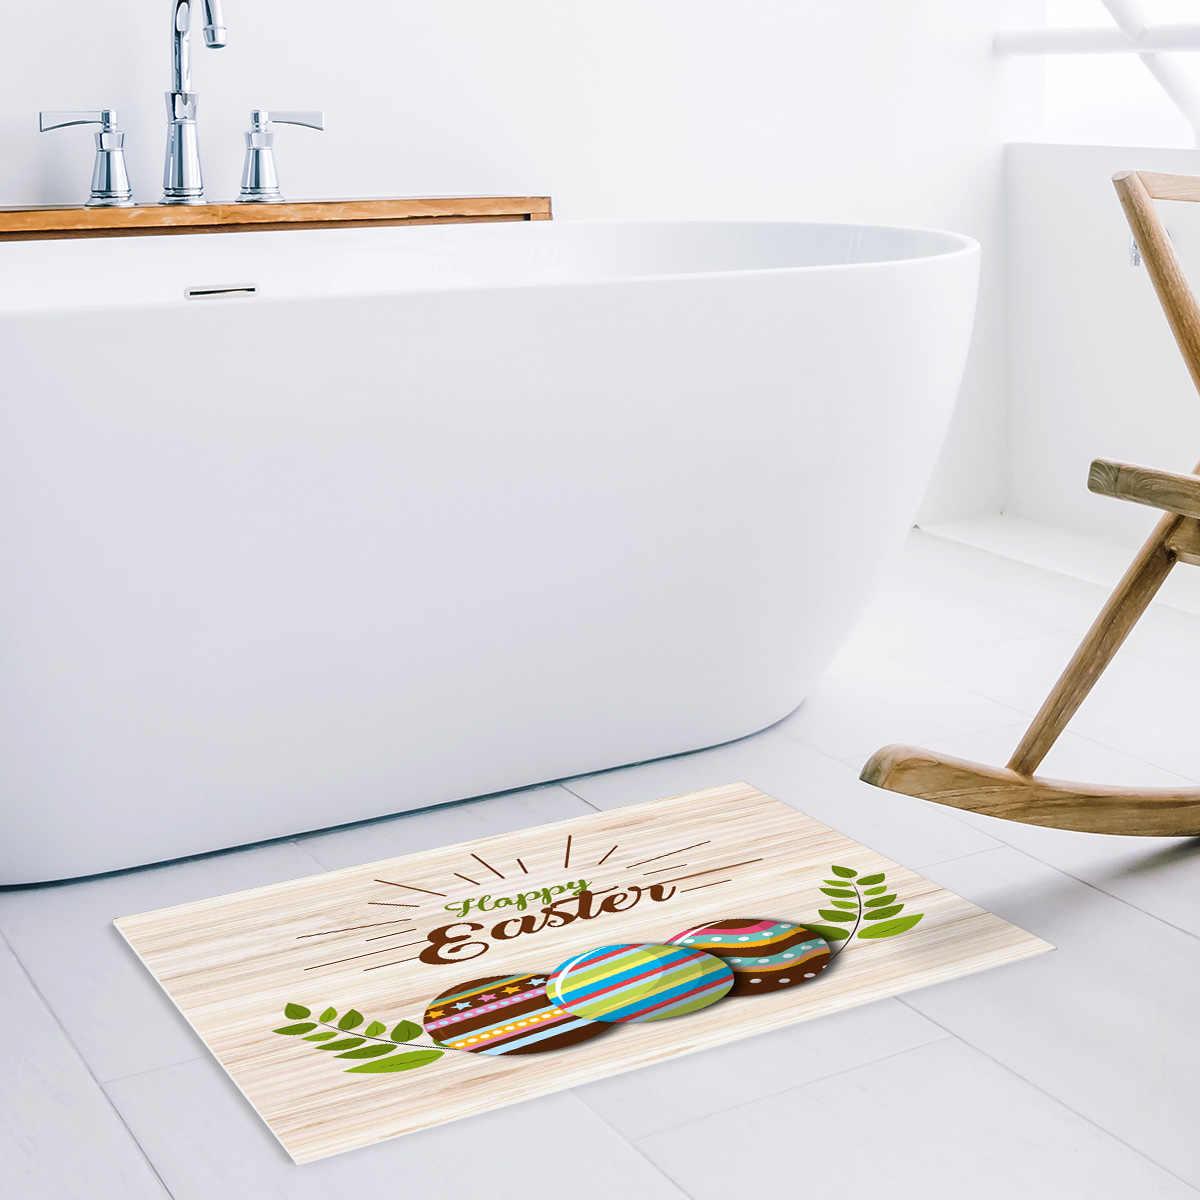 イースターエッグボードで英語ダート破片泥トラッパーブーツ靴スクレーパーお風呂シャワーバスタブアクセサリーセットエリアランナーアクセント敷物